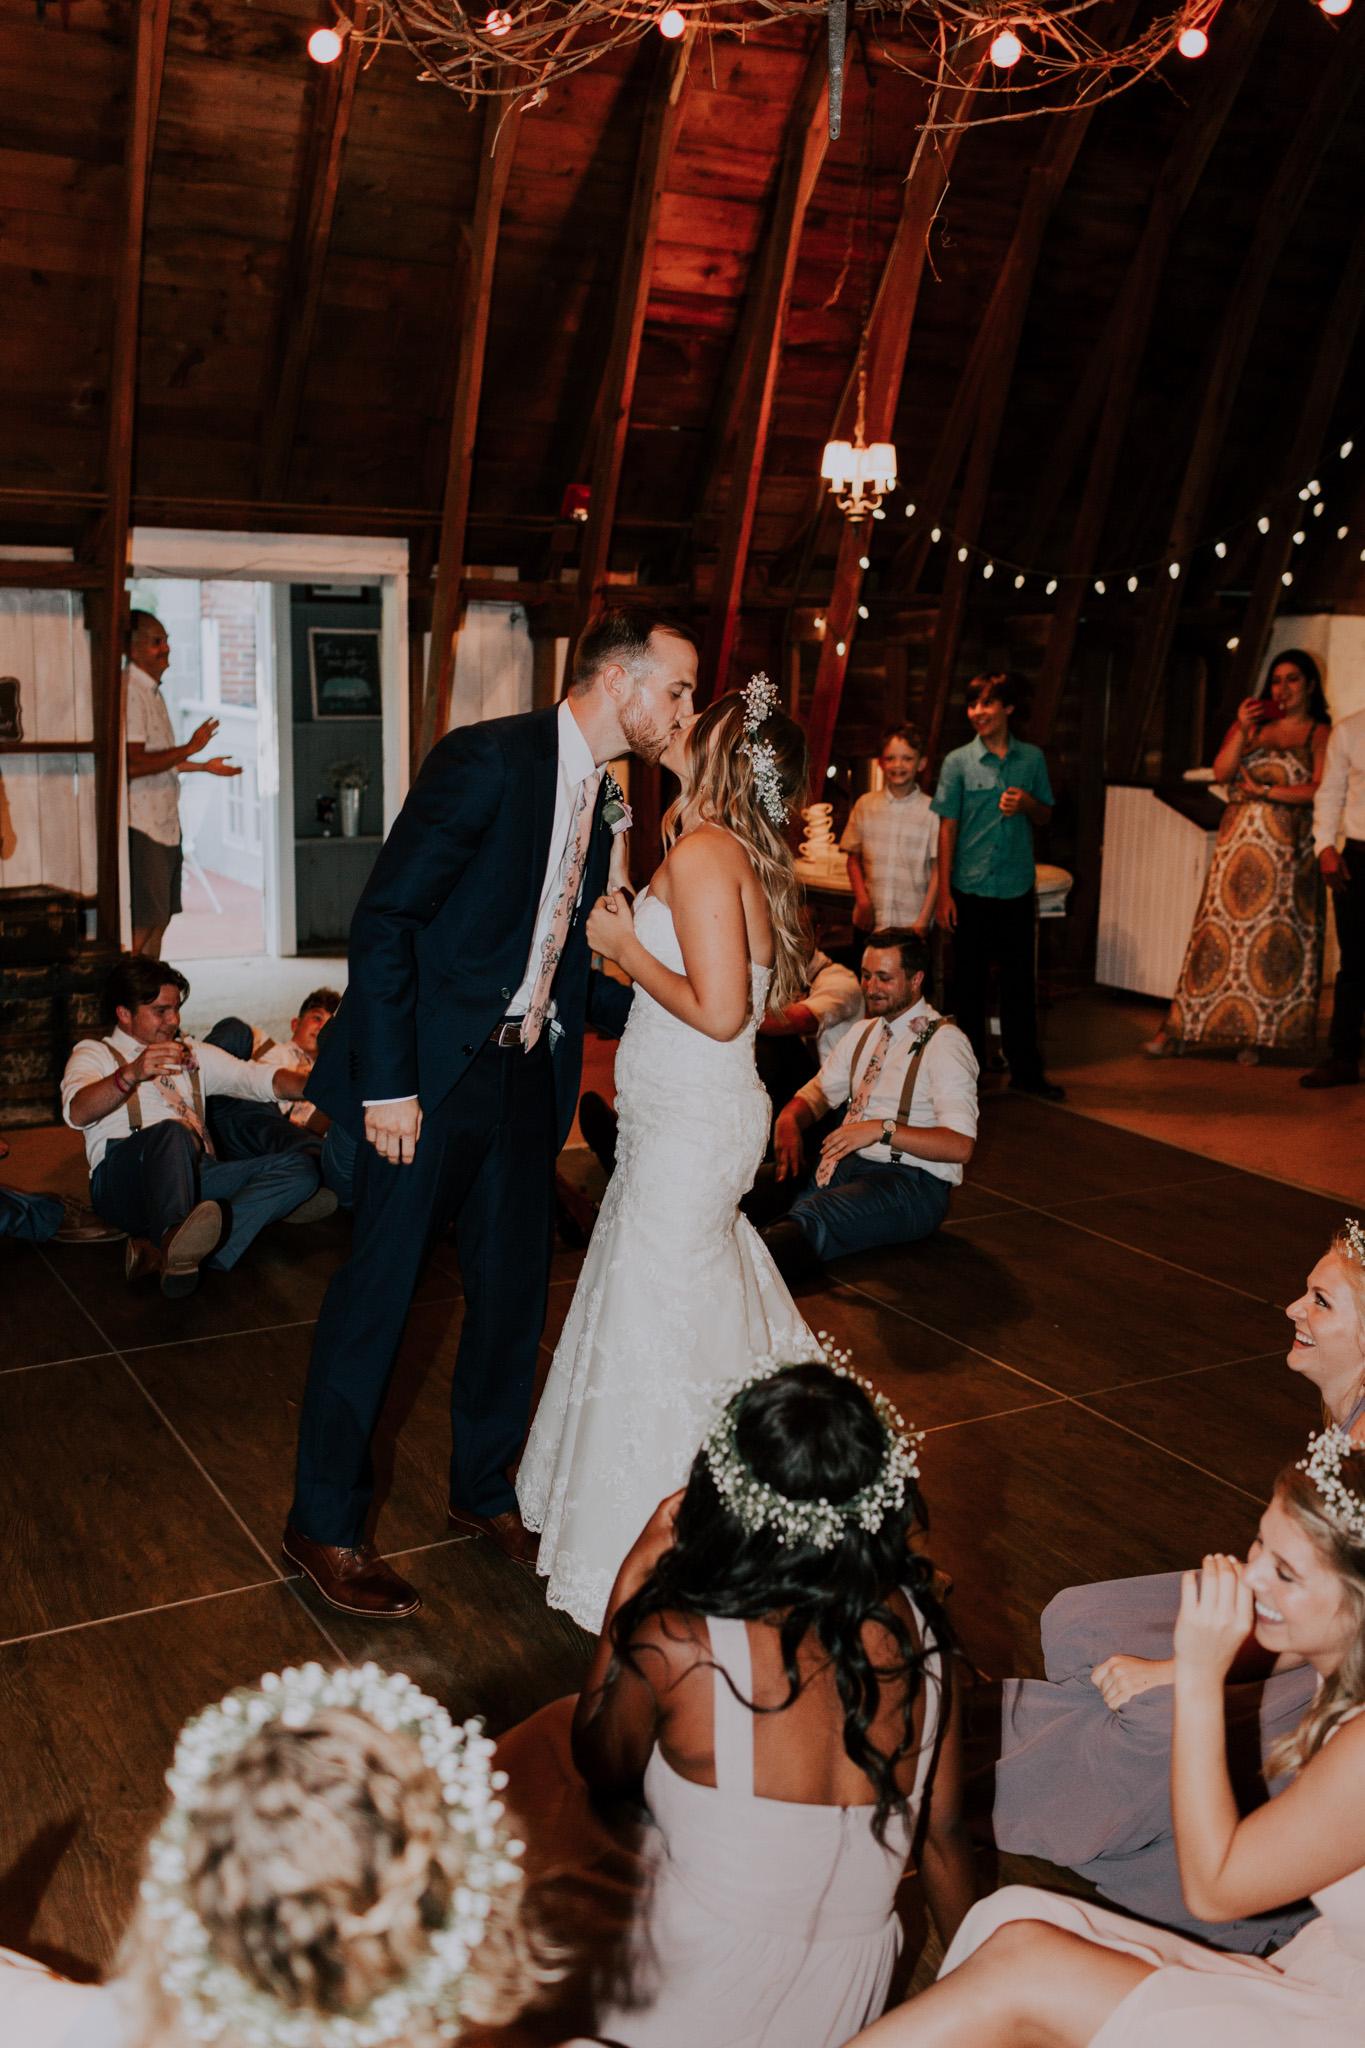 Blue-Dress-Barn-Michigan-Wedding-April-Seth-Vafa-Photo832.jpg